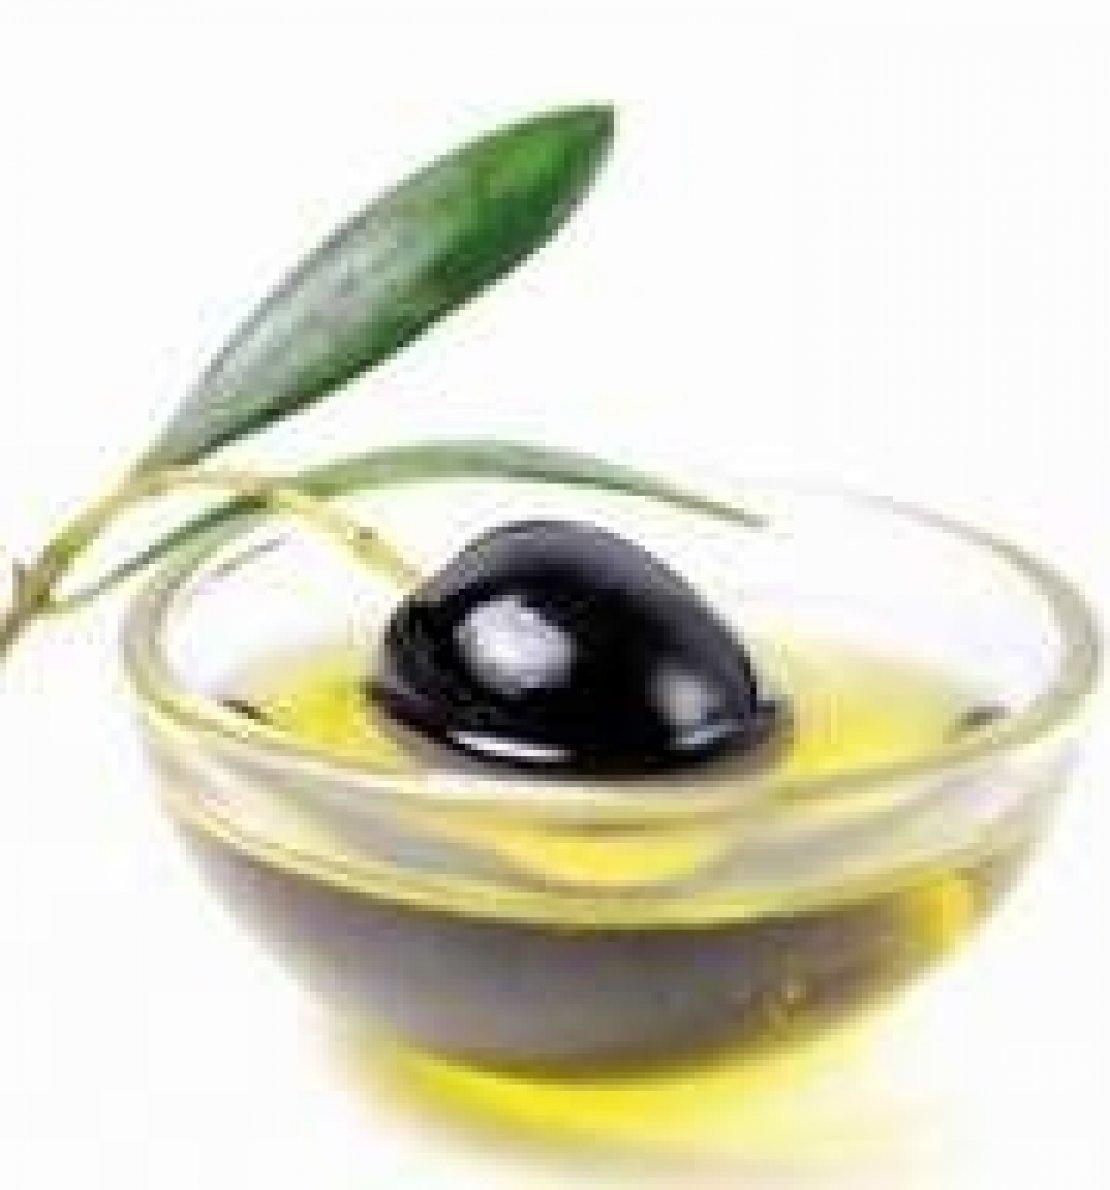 Via libera all'import senza dazi dell'olio d'oliva tunisino